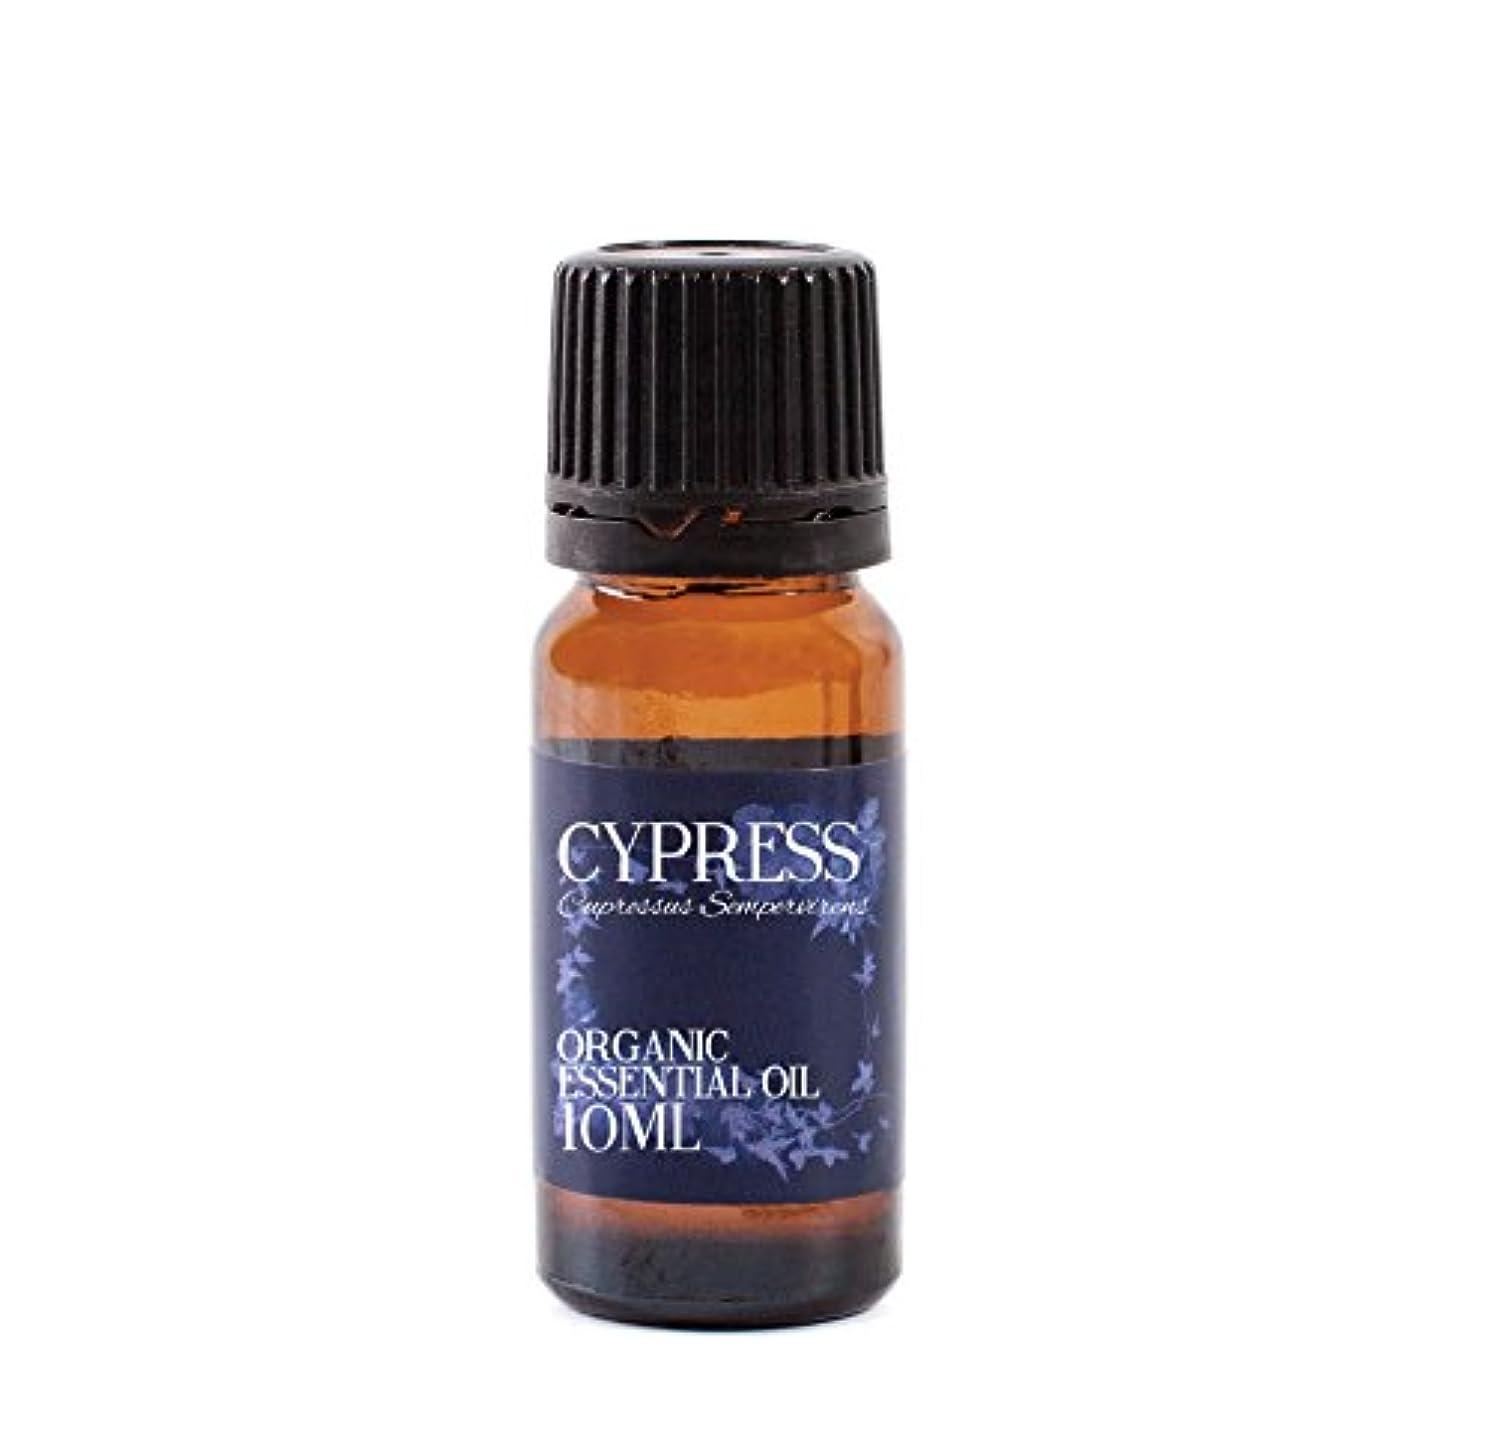 効能属する常習的Cypress Organic Essential Oil - 10ml - 100% Pure